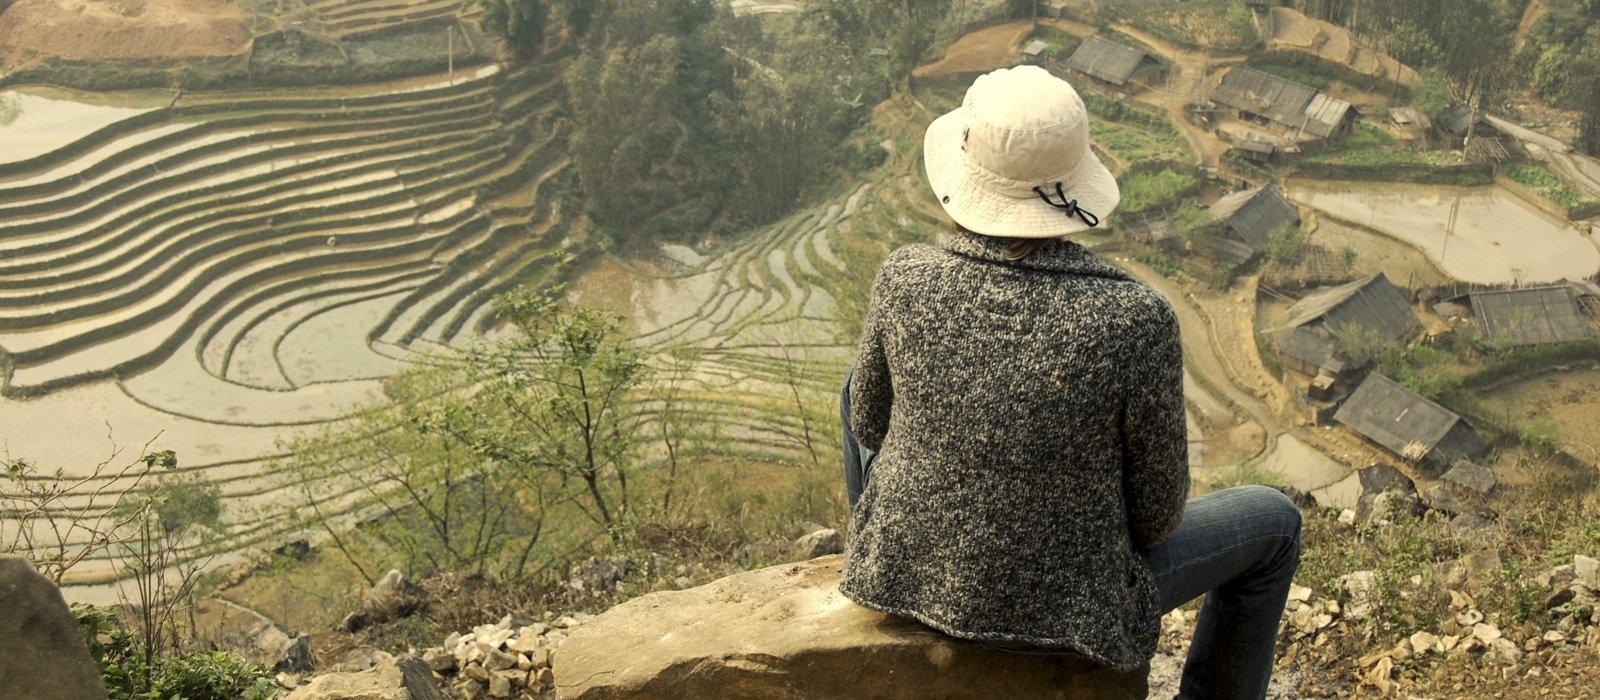 img-diapo-entete - Vietnam-1600x700-3.jpg